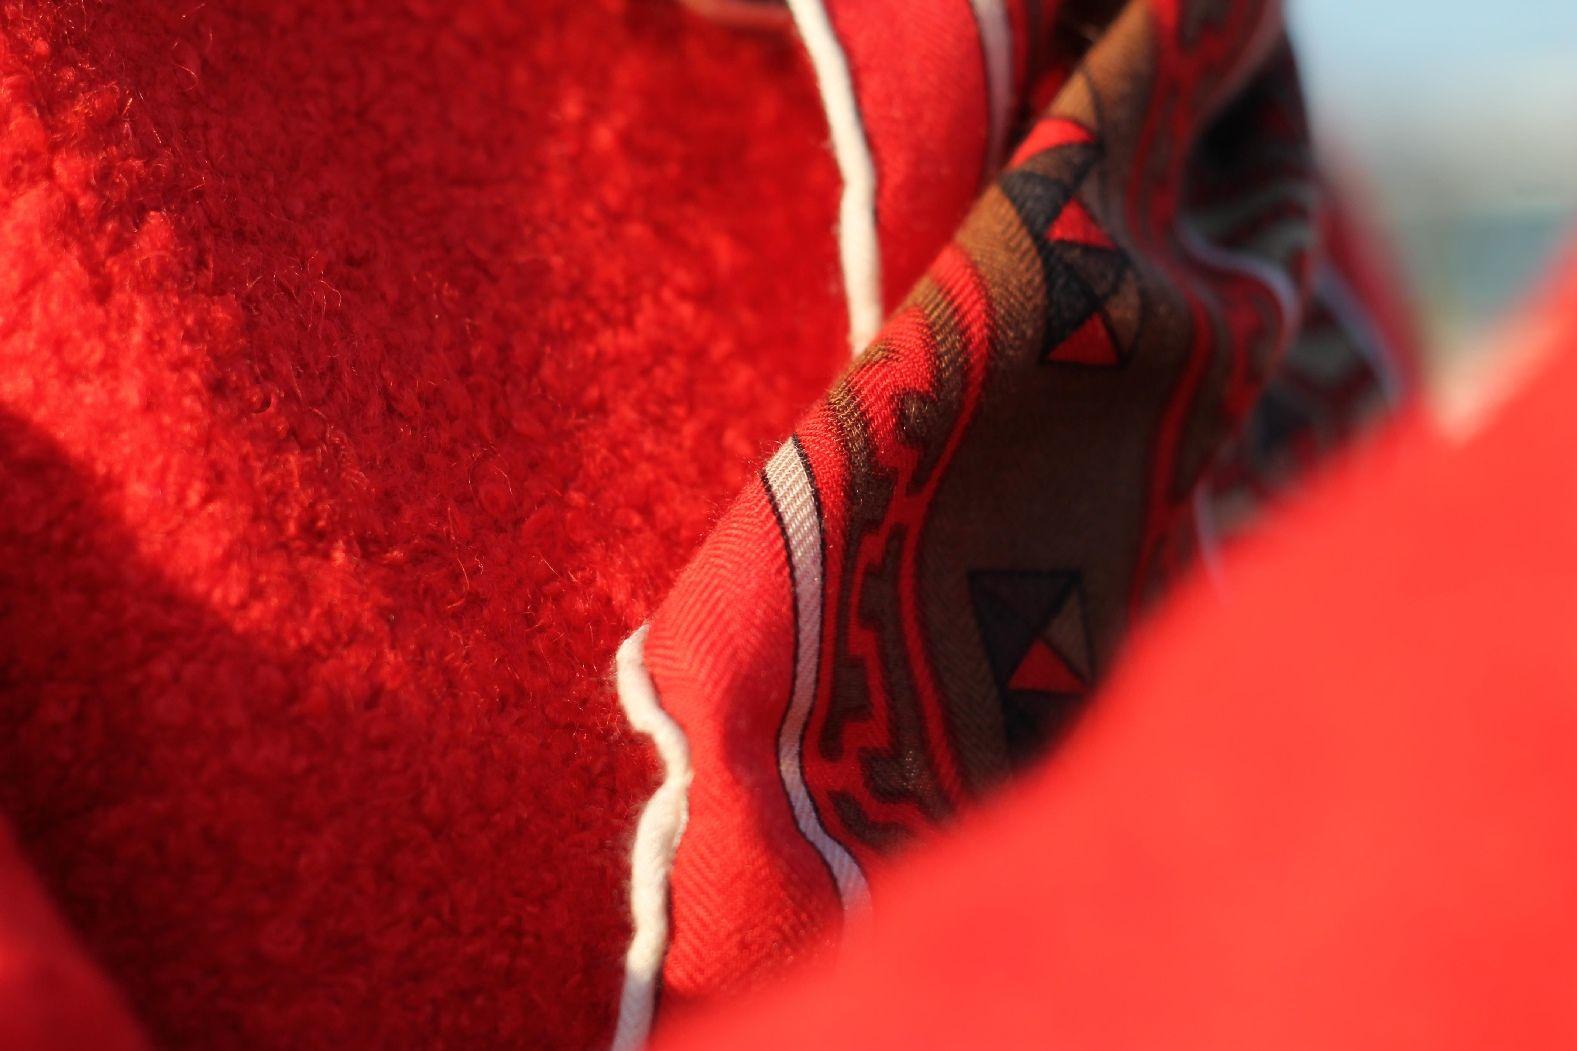 Bouclé Mantel aus Wolle / Poly Mix und das Tuch ist aus einer Kaschmir / Seidenmischung